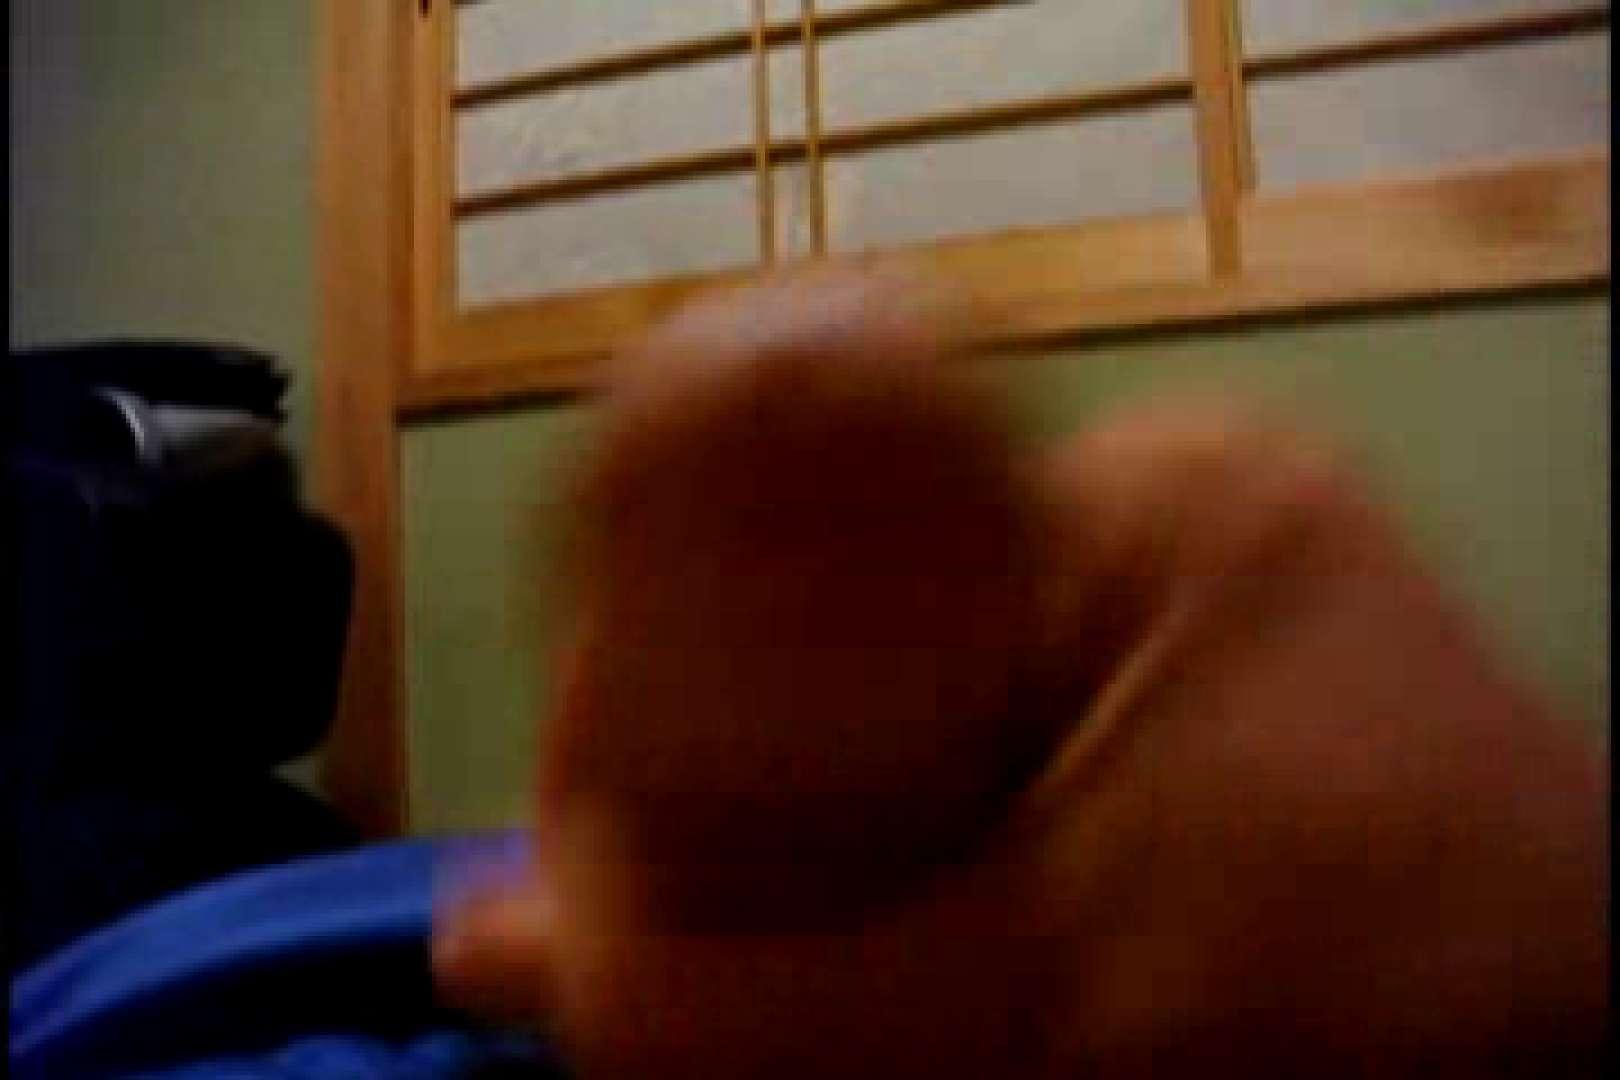 オナ好きノンケテニス部員の自画撮り投稿vol.02 射精 GAY無修正エロ動画 76枚 44